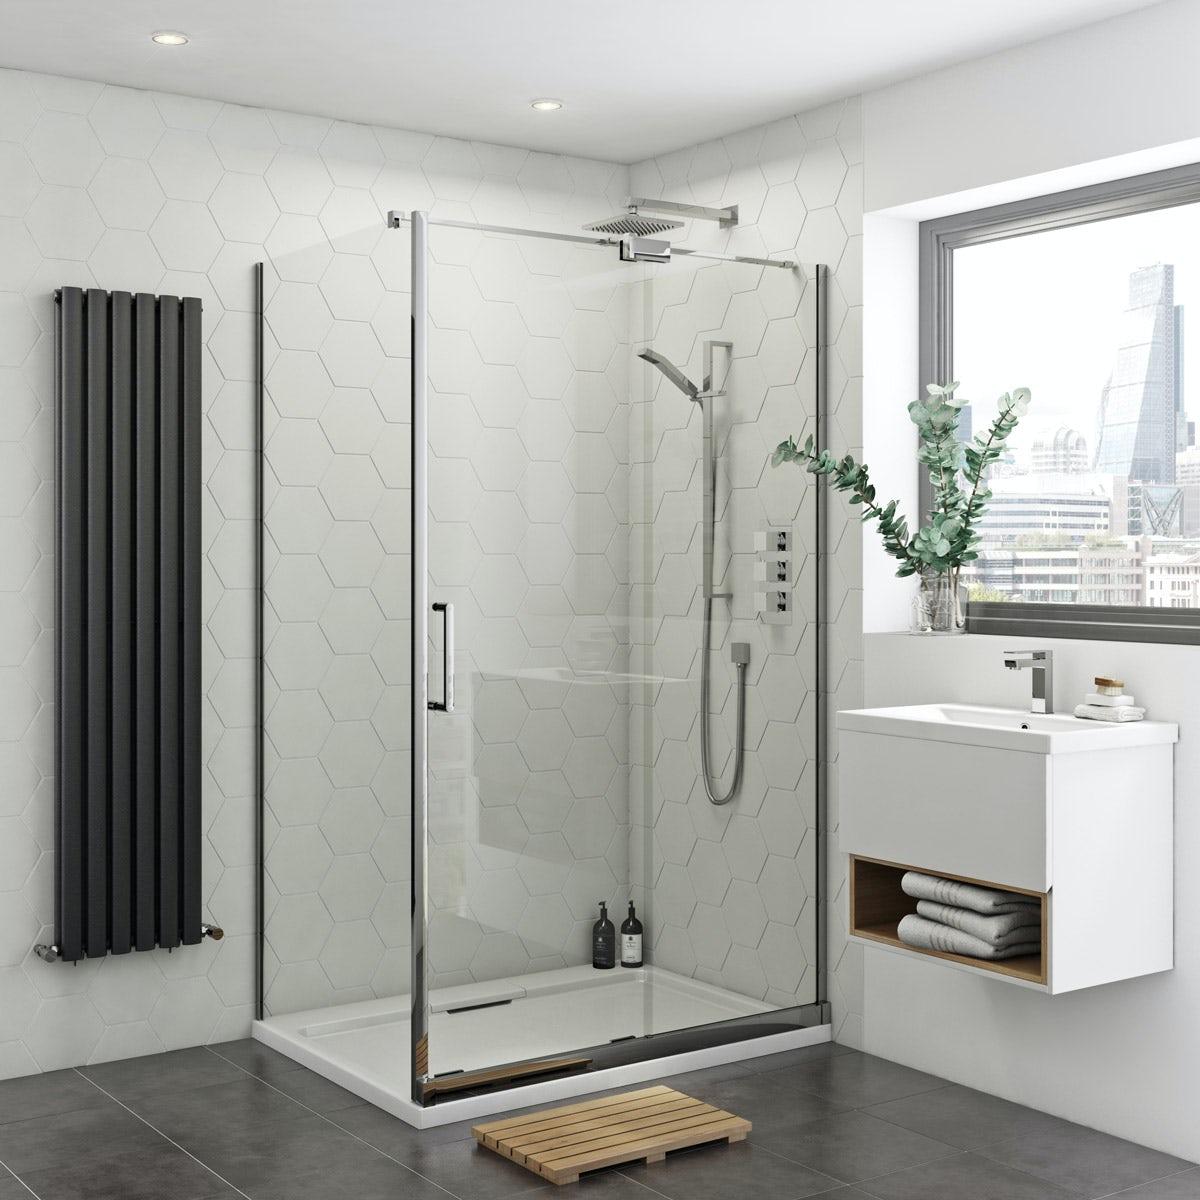 Mode Ellis 8mm easy clean right handed rectangular frameless sliding shower enclosure